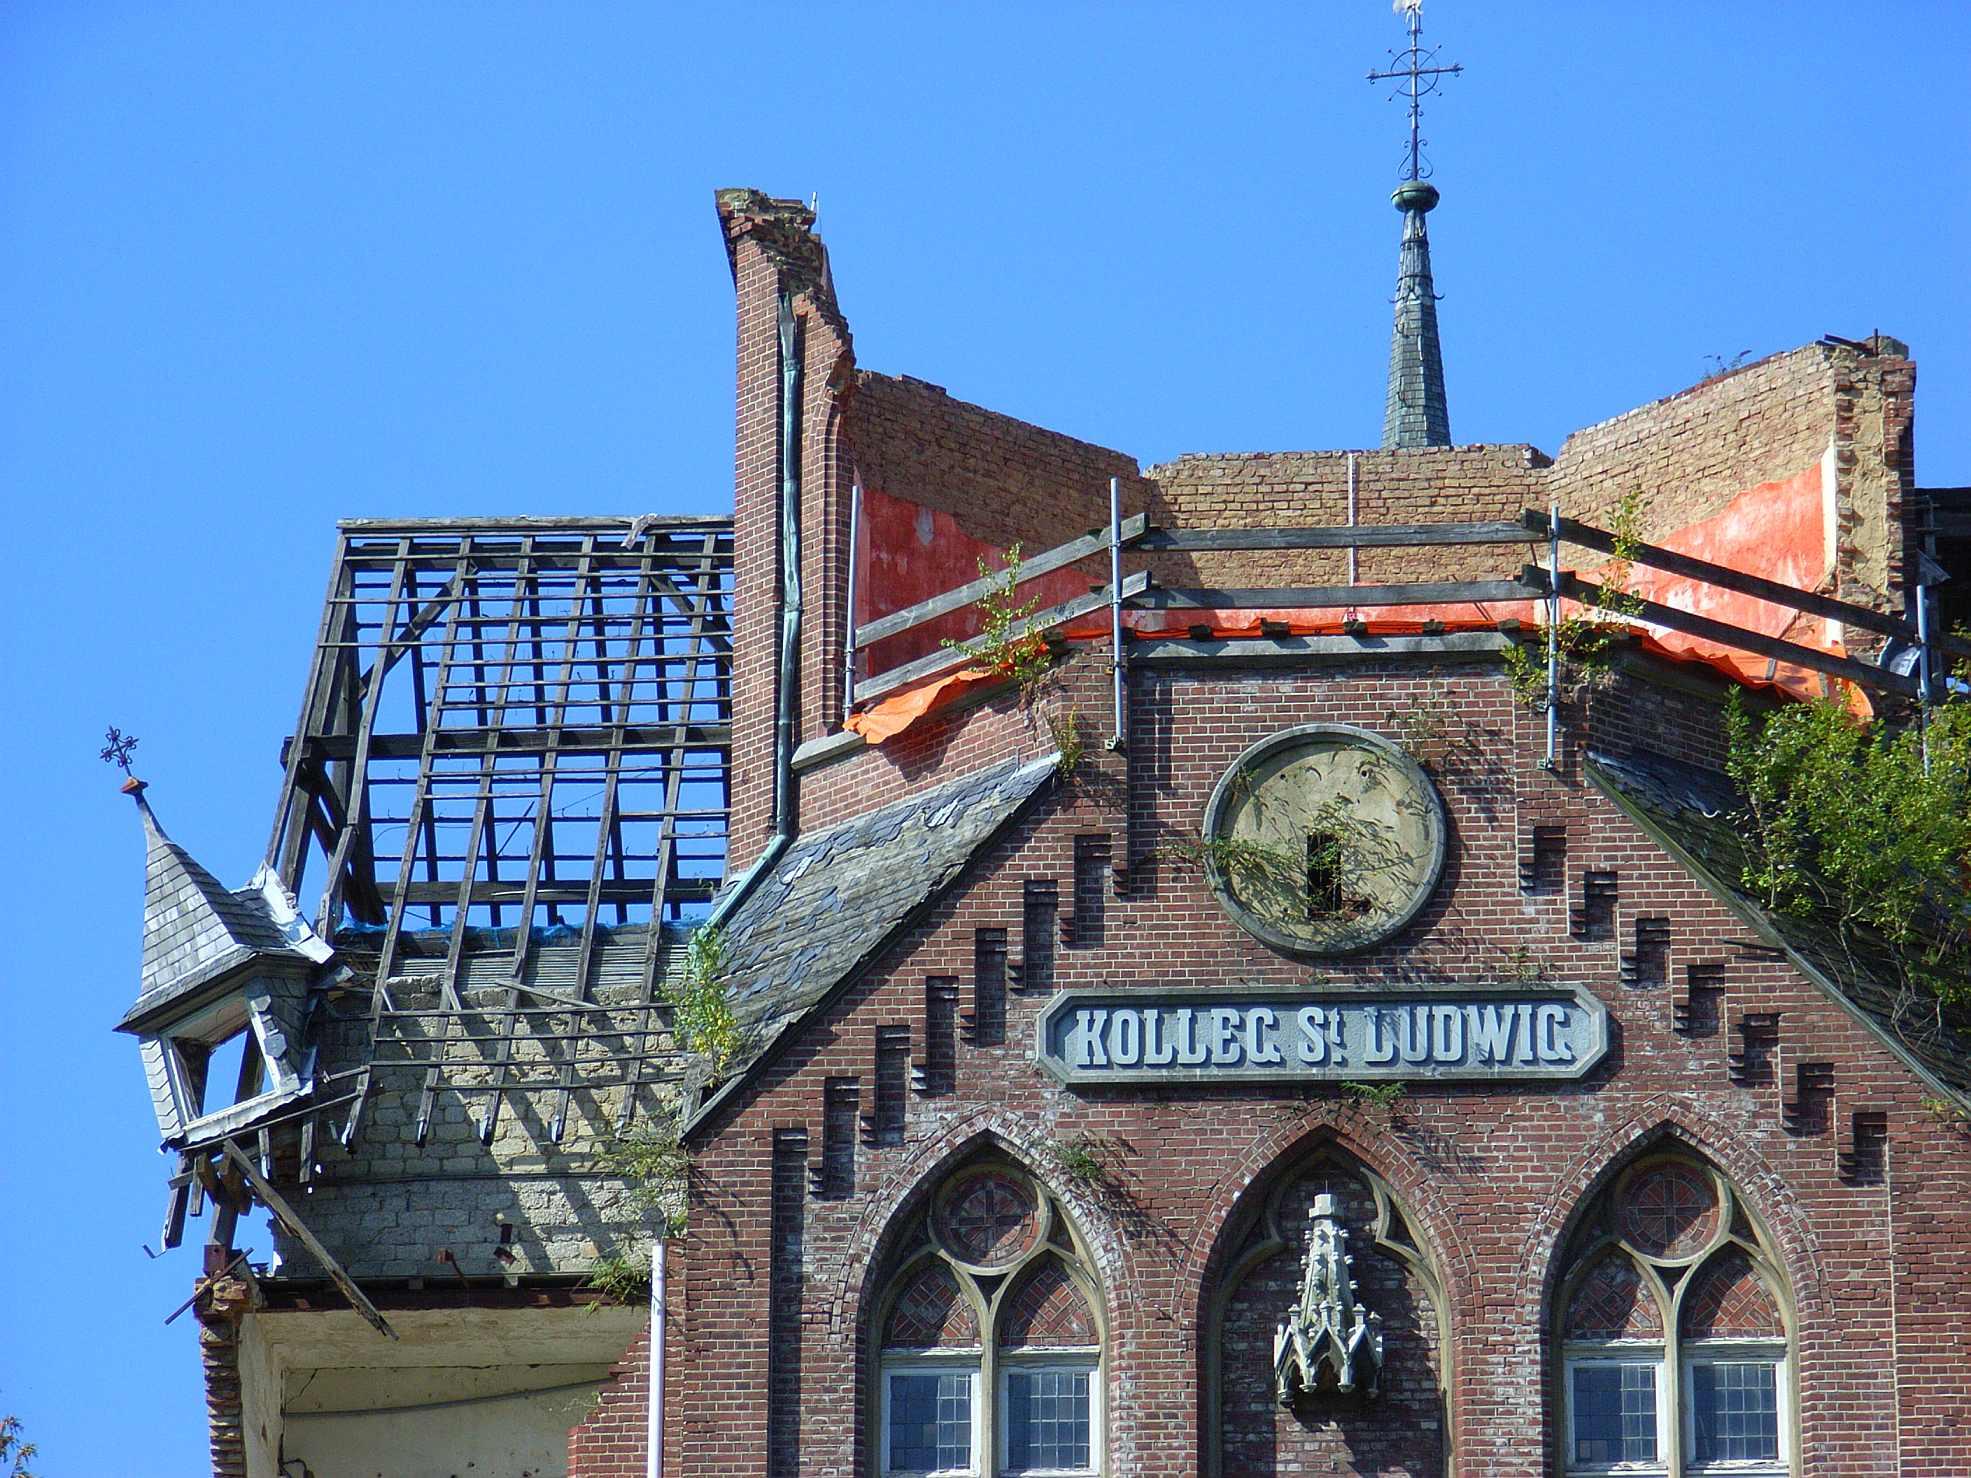 Ook al werd de illegale sloop van College Sankt Ludwig stilgelegd, uiteindelijk verdween het complex toch van de kaart. Herkomst Wikimedia Commons, bodoklecksel (2007).